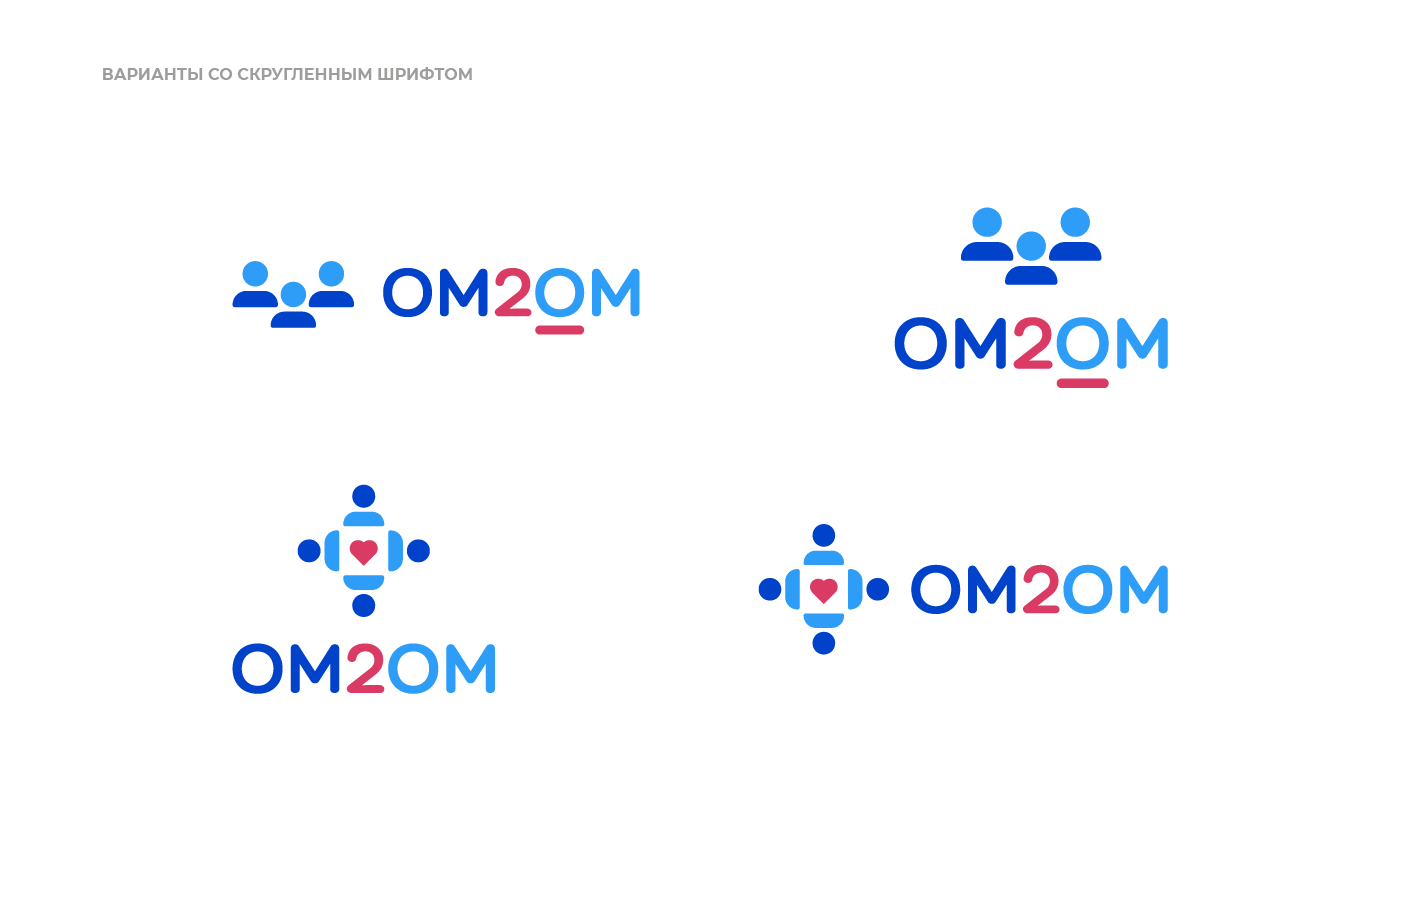 Разработка логотипа для краудфандинговой платформы om2om.md фото f_8665f5fce5b605ad.png